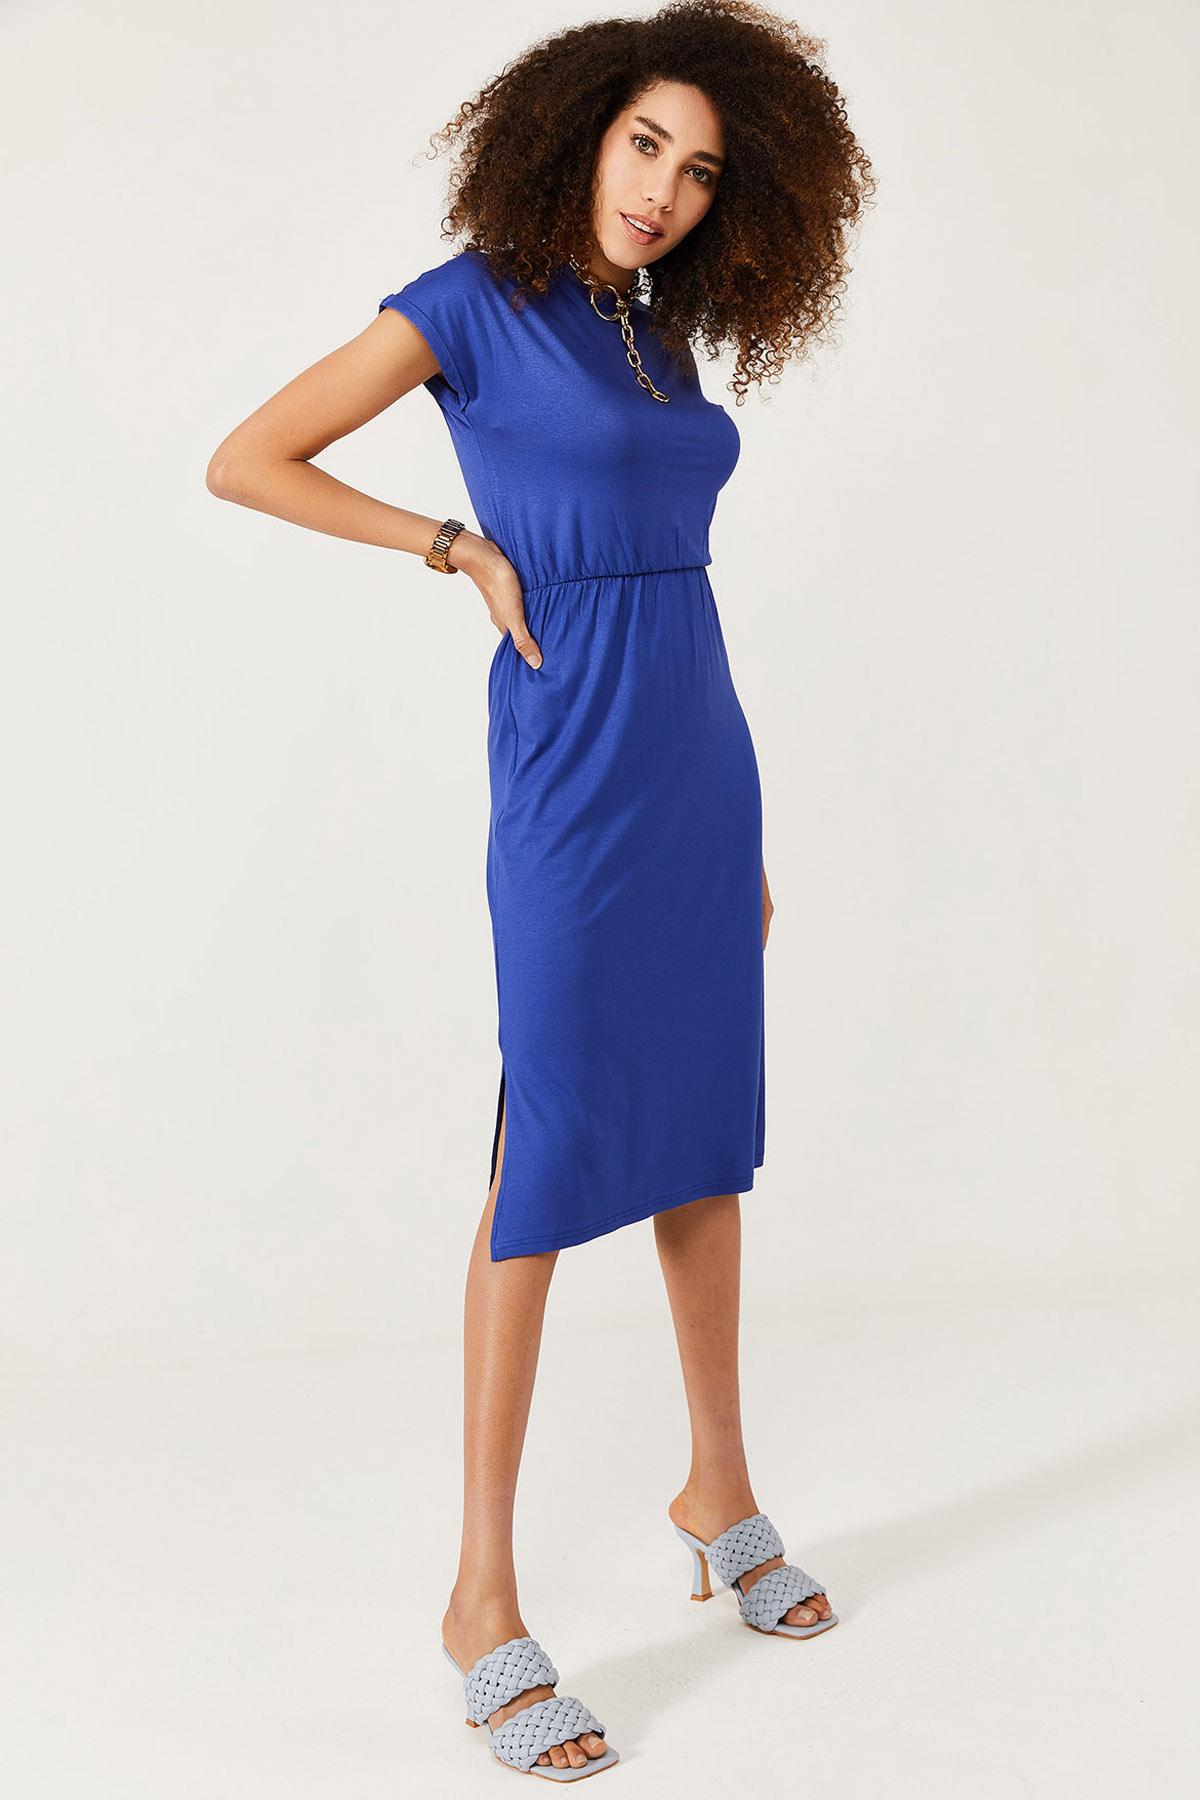 XHAN - Lacivert Yumuşak Dokulu Esnek Yırtmaçlı Elbise 1KXK6-44569-14